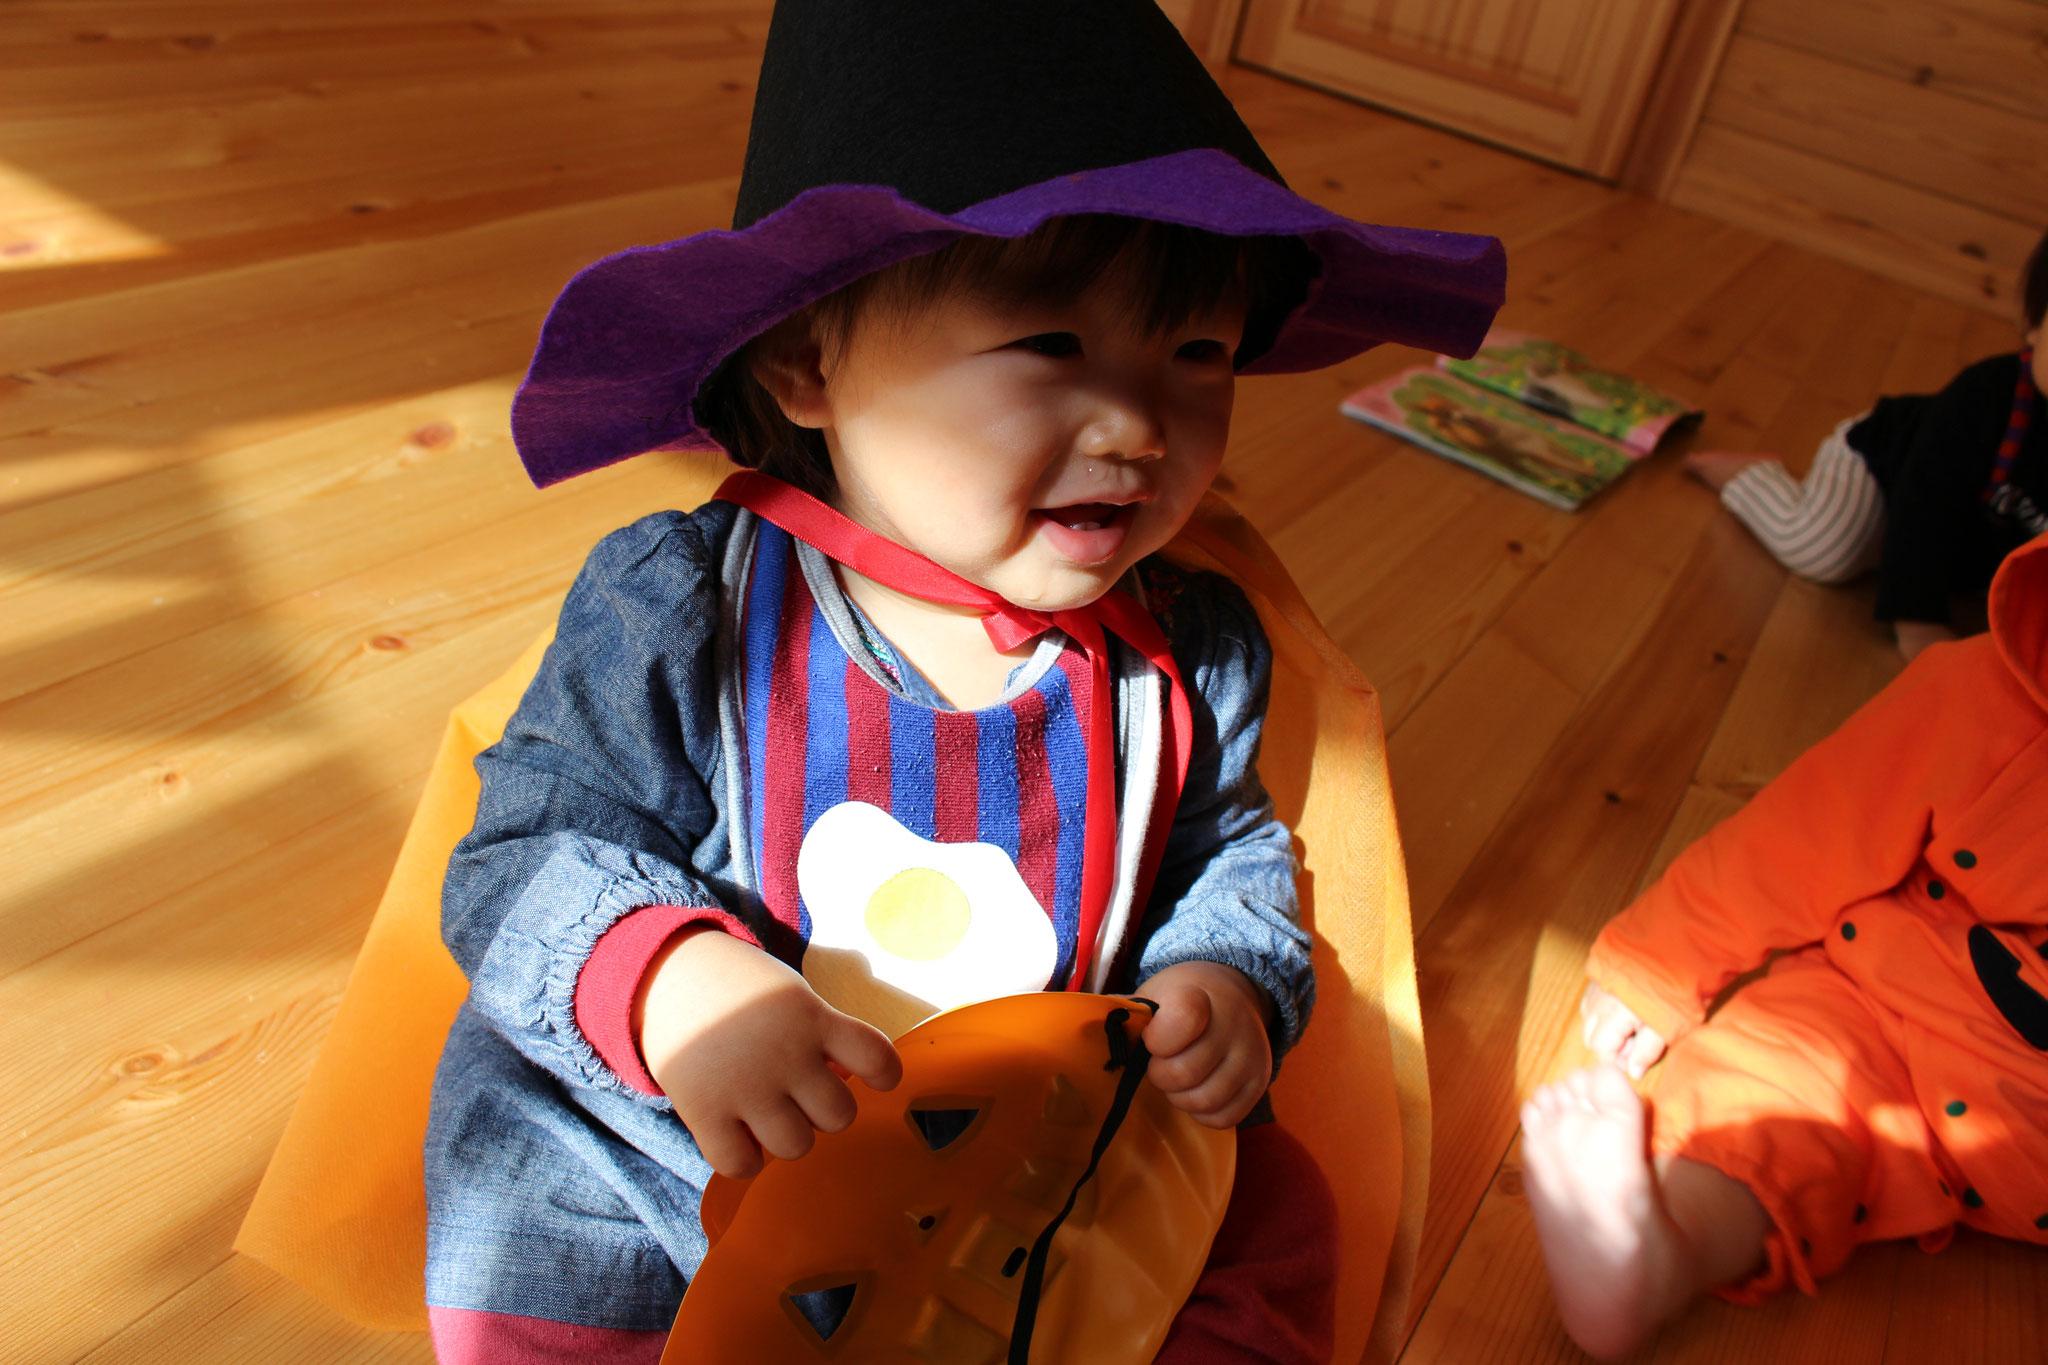 マントと 円錐型の帽子「エナン」をみにつけ なにかしら たくらんでいるかのような Rちゃんです (´∀`*)ウフフ